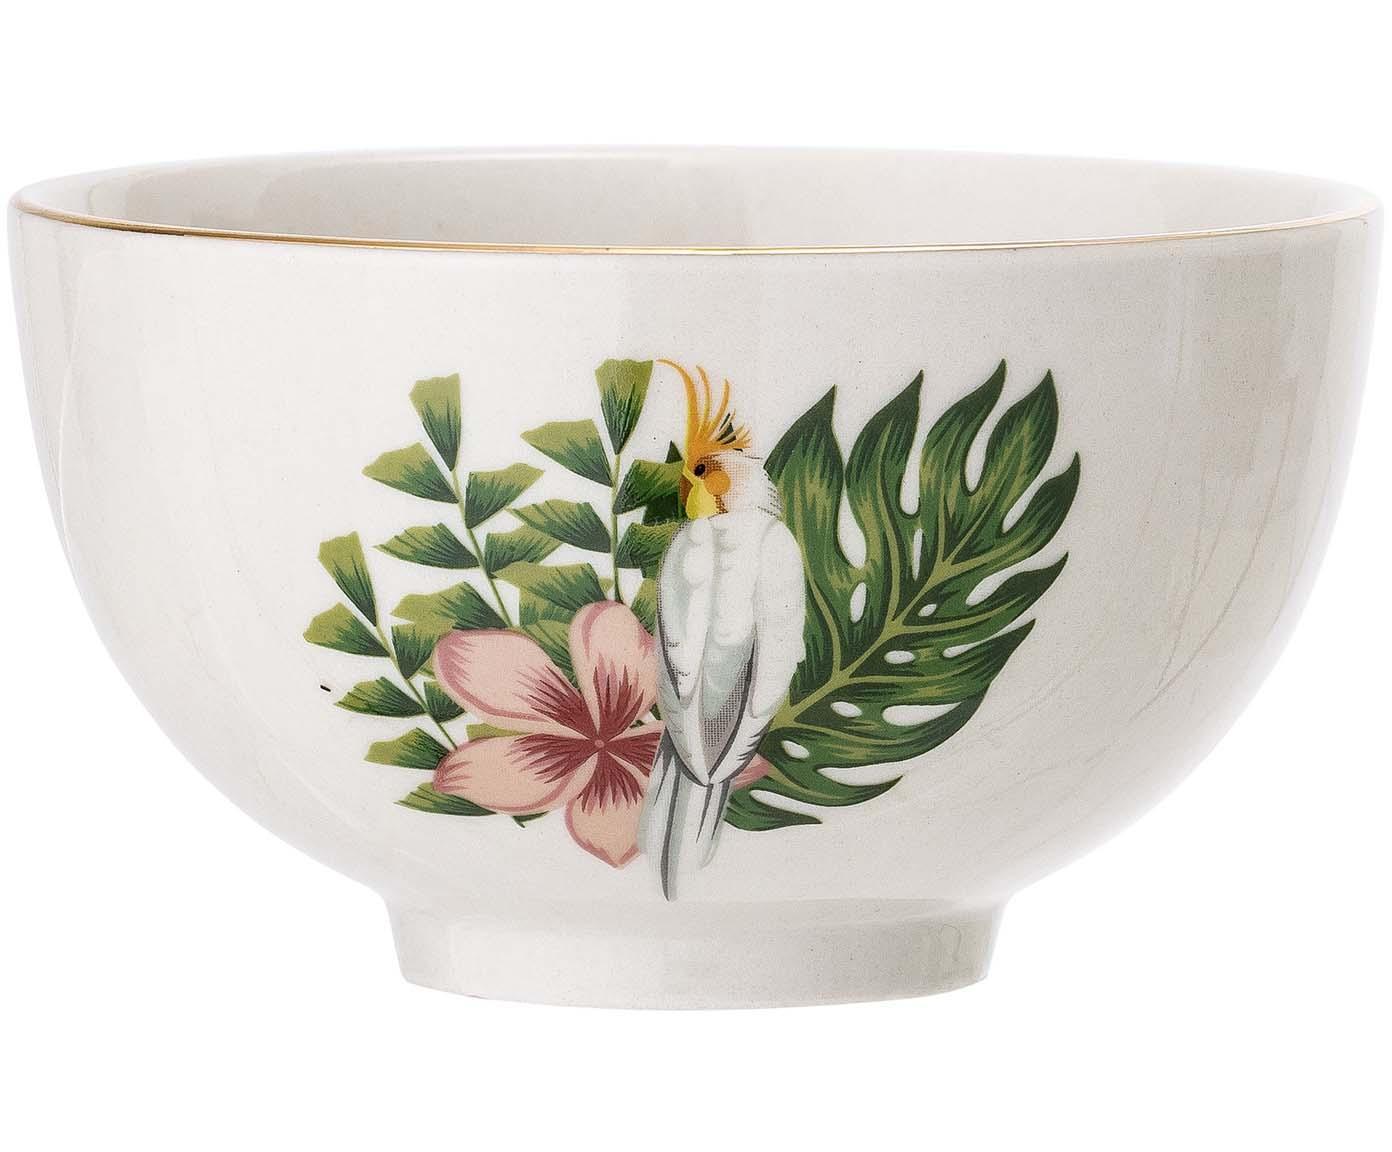 Schälchen Moana mit Goldrand und tropischem Motiv, Steingut, Weiß, Grün, Pink, Ø 12 cm